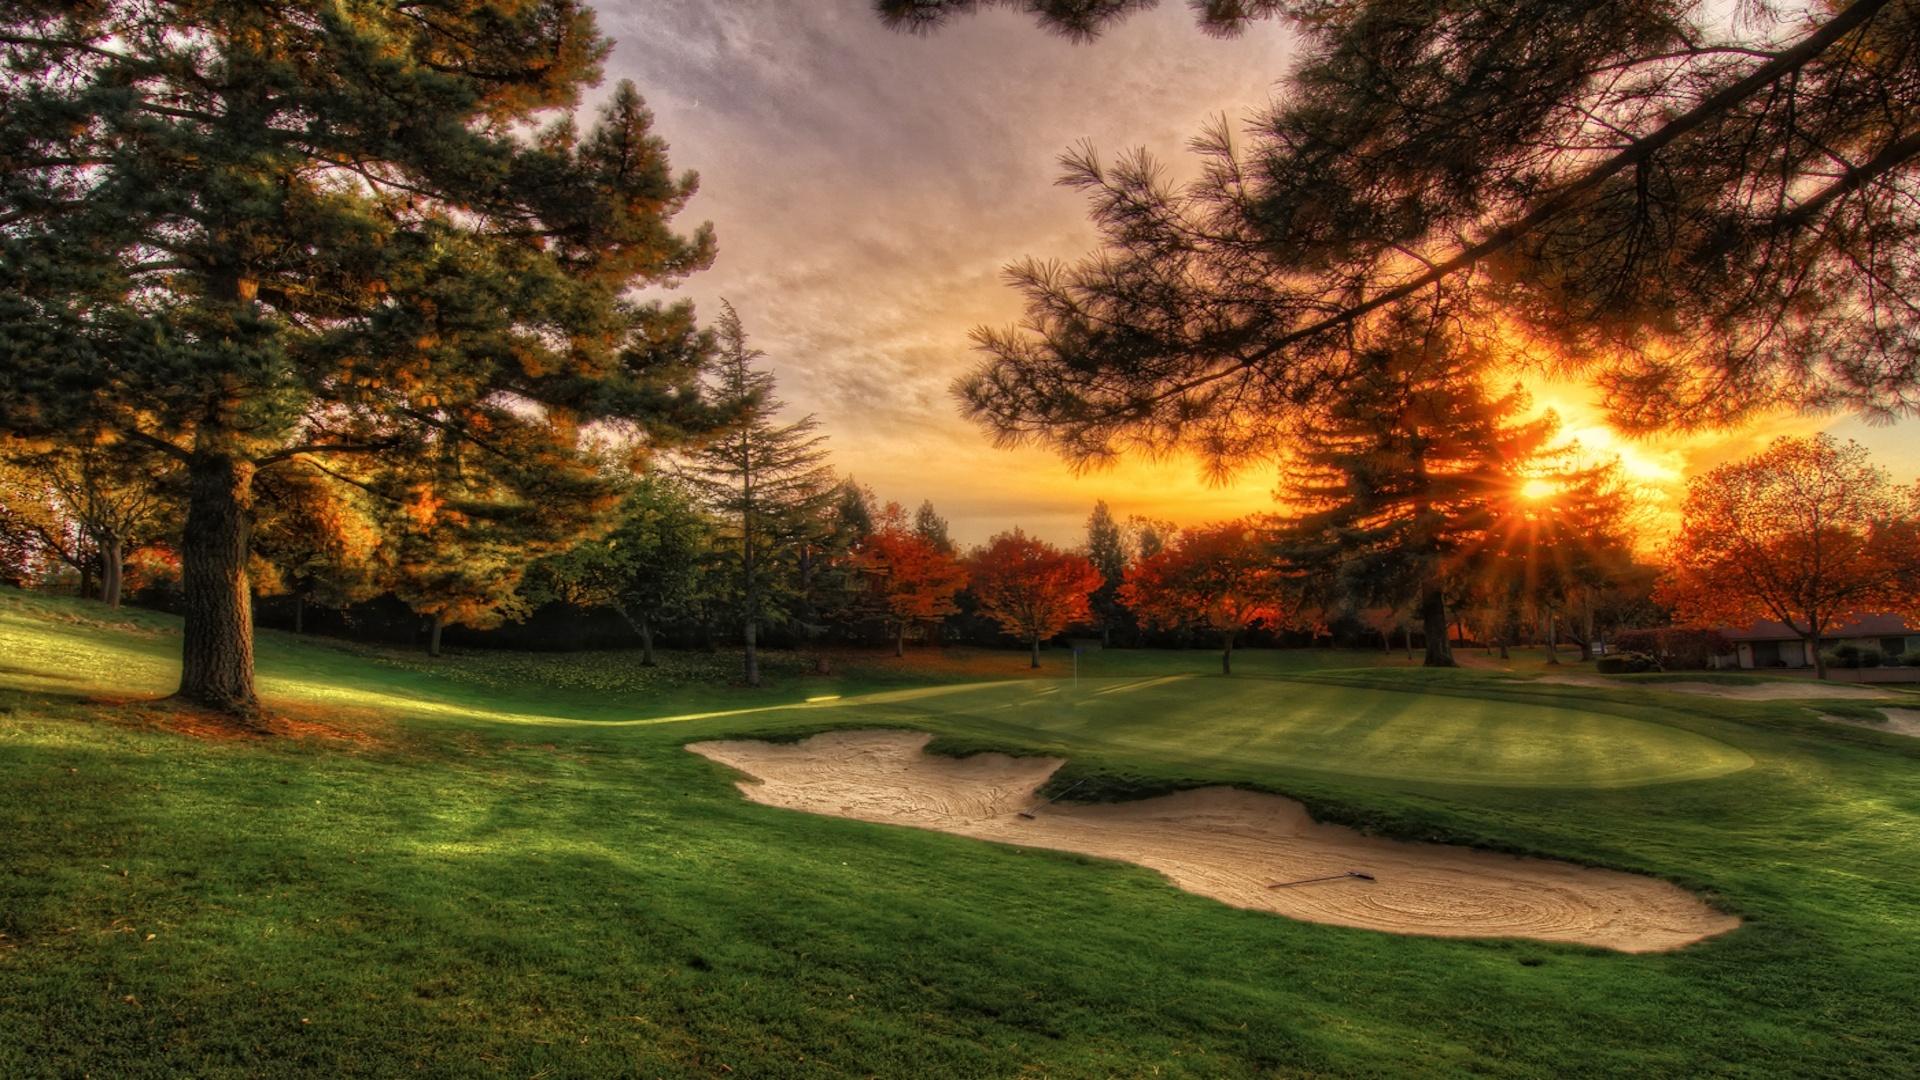 Golf Course Wallpaper 793 1920 x 1080   WallpaperLayercom 1920x1080